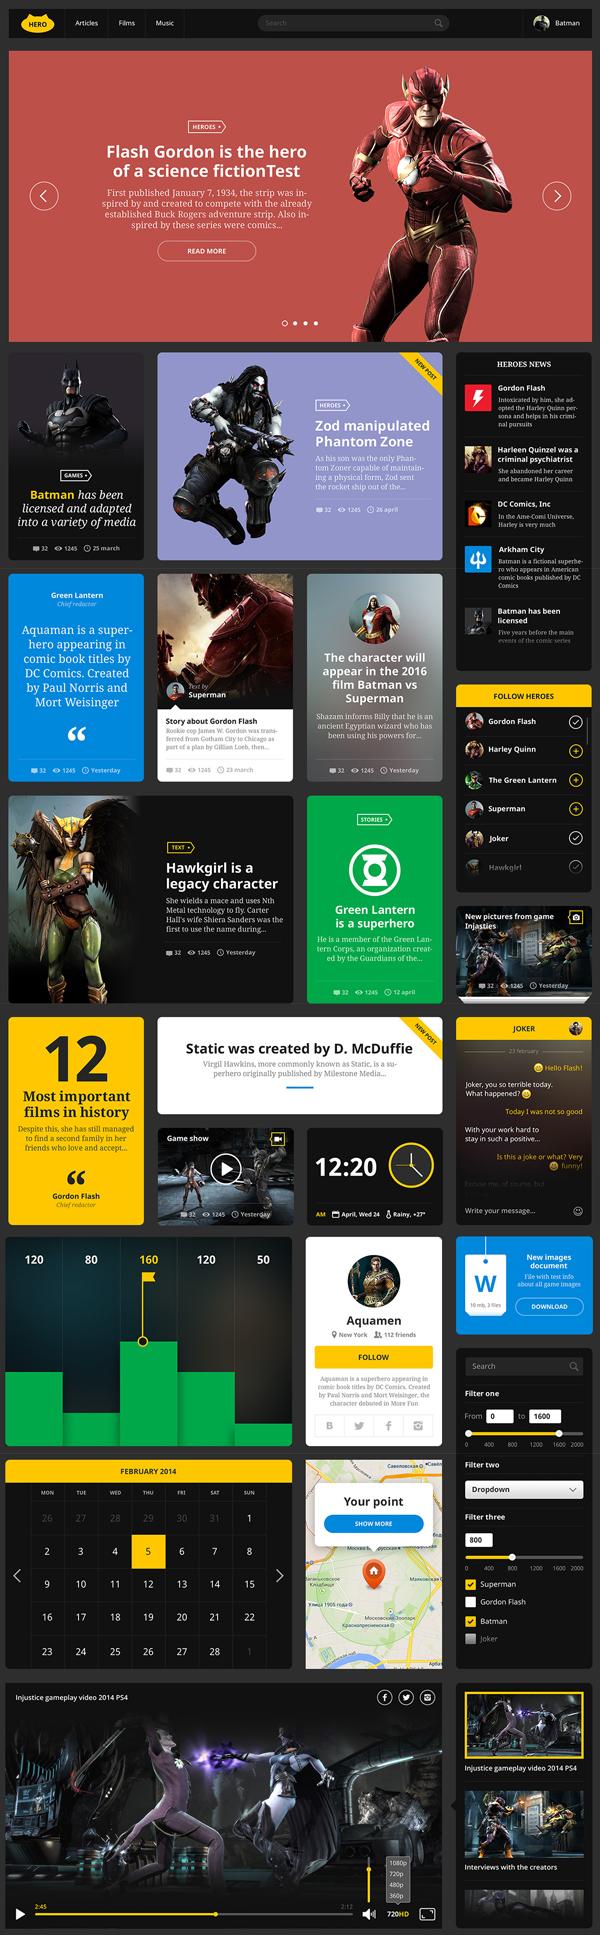 Free Hero UI Design Kit PSD